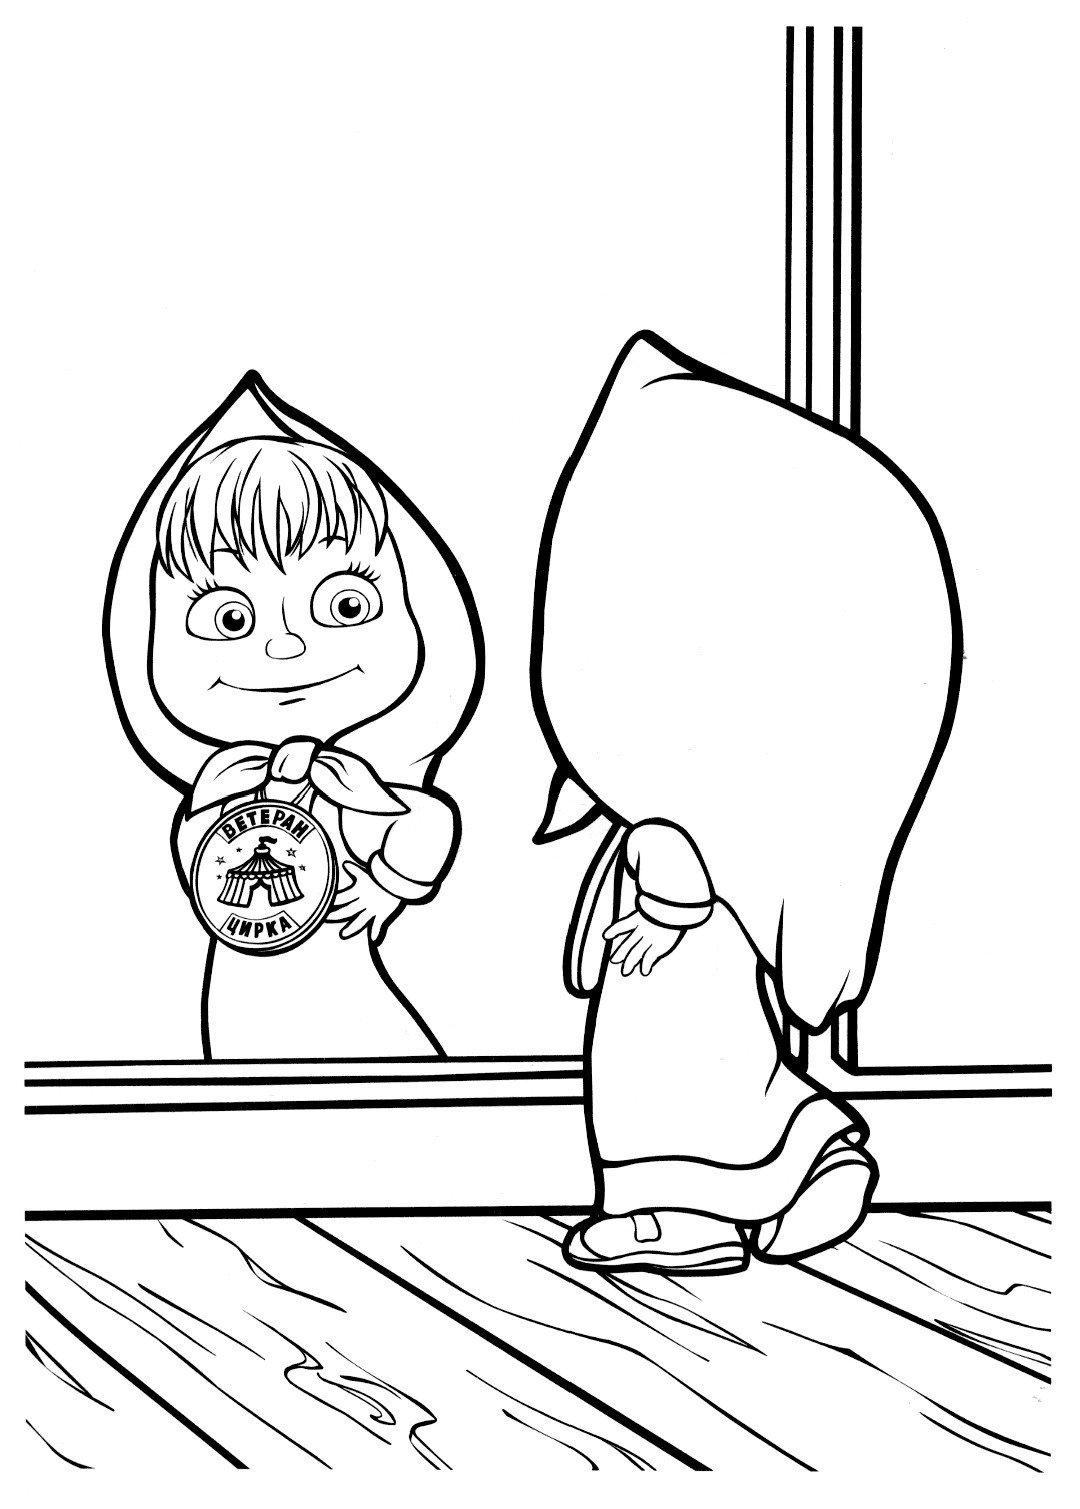 Картинка для раскраски «Маша примеряет медаль медведя»